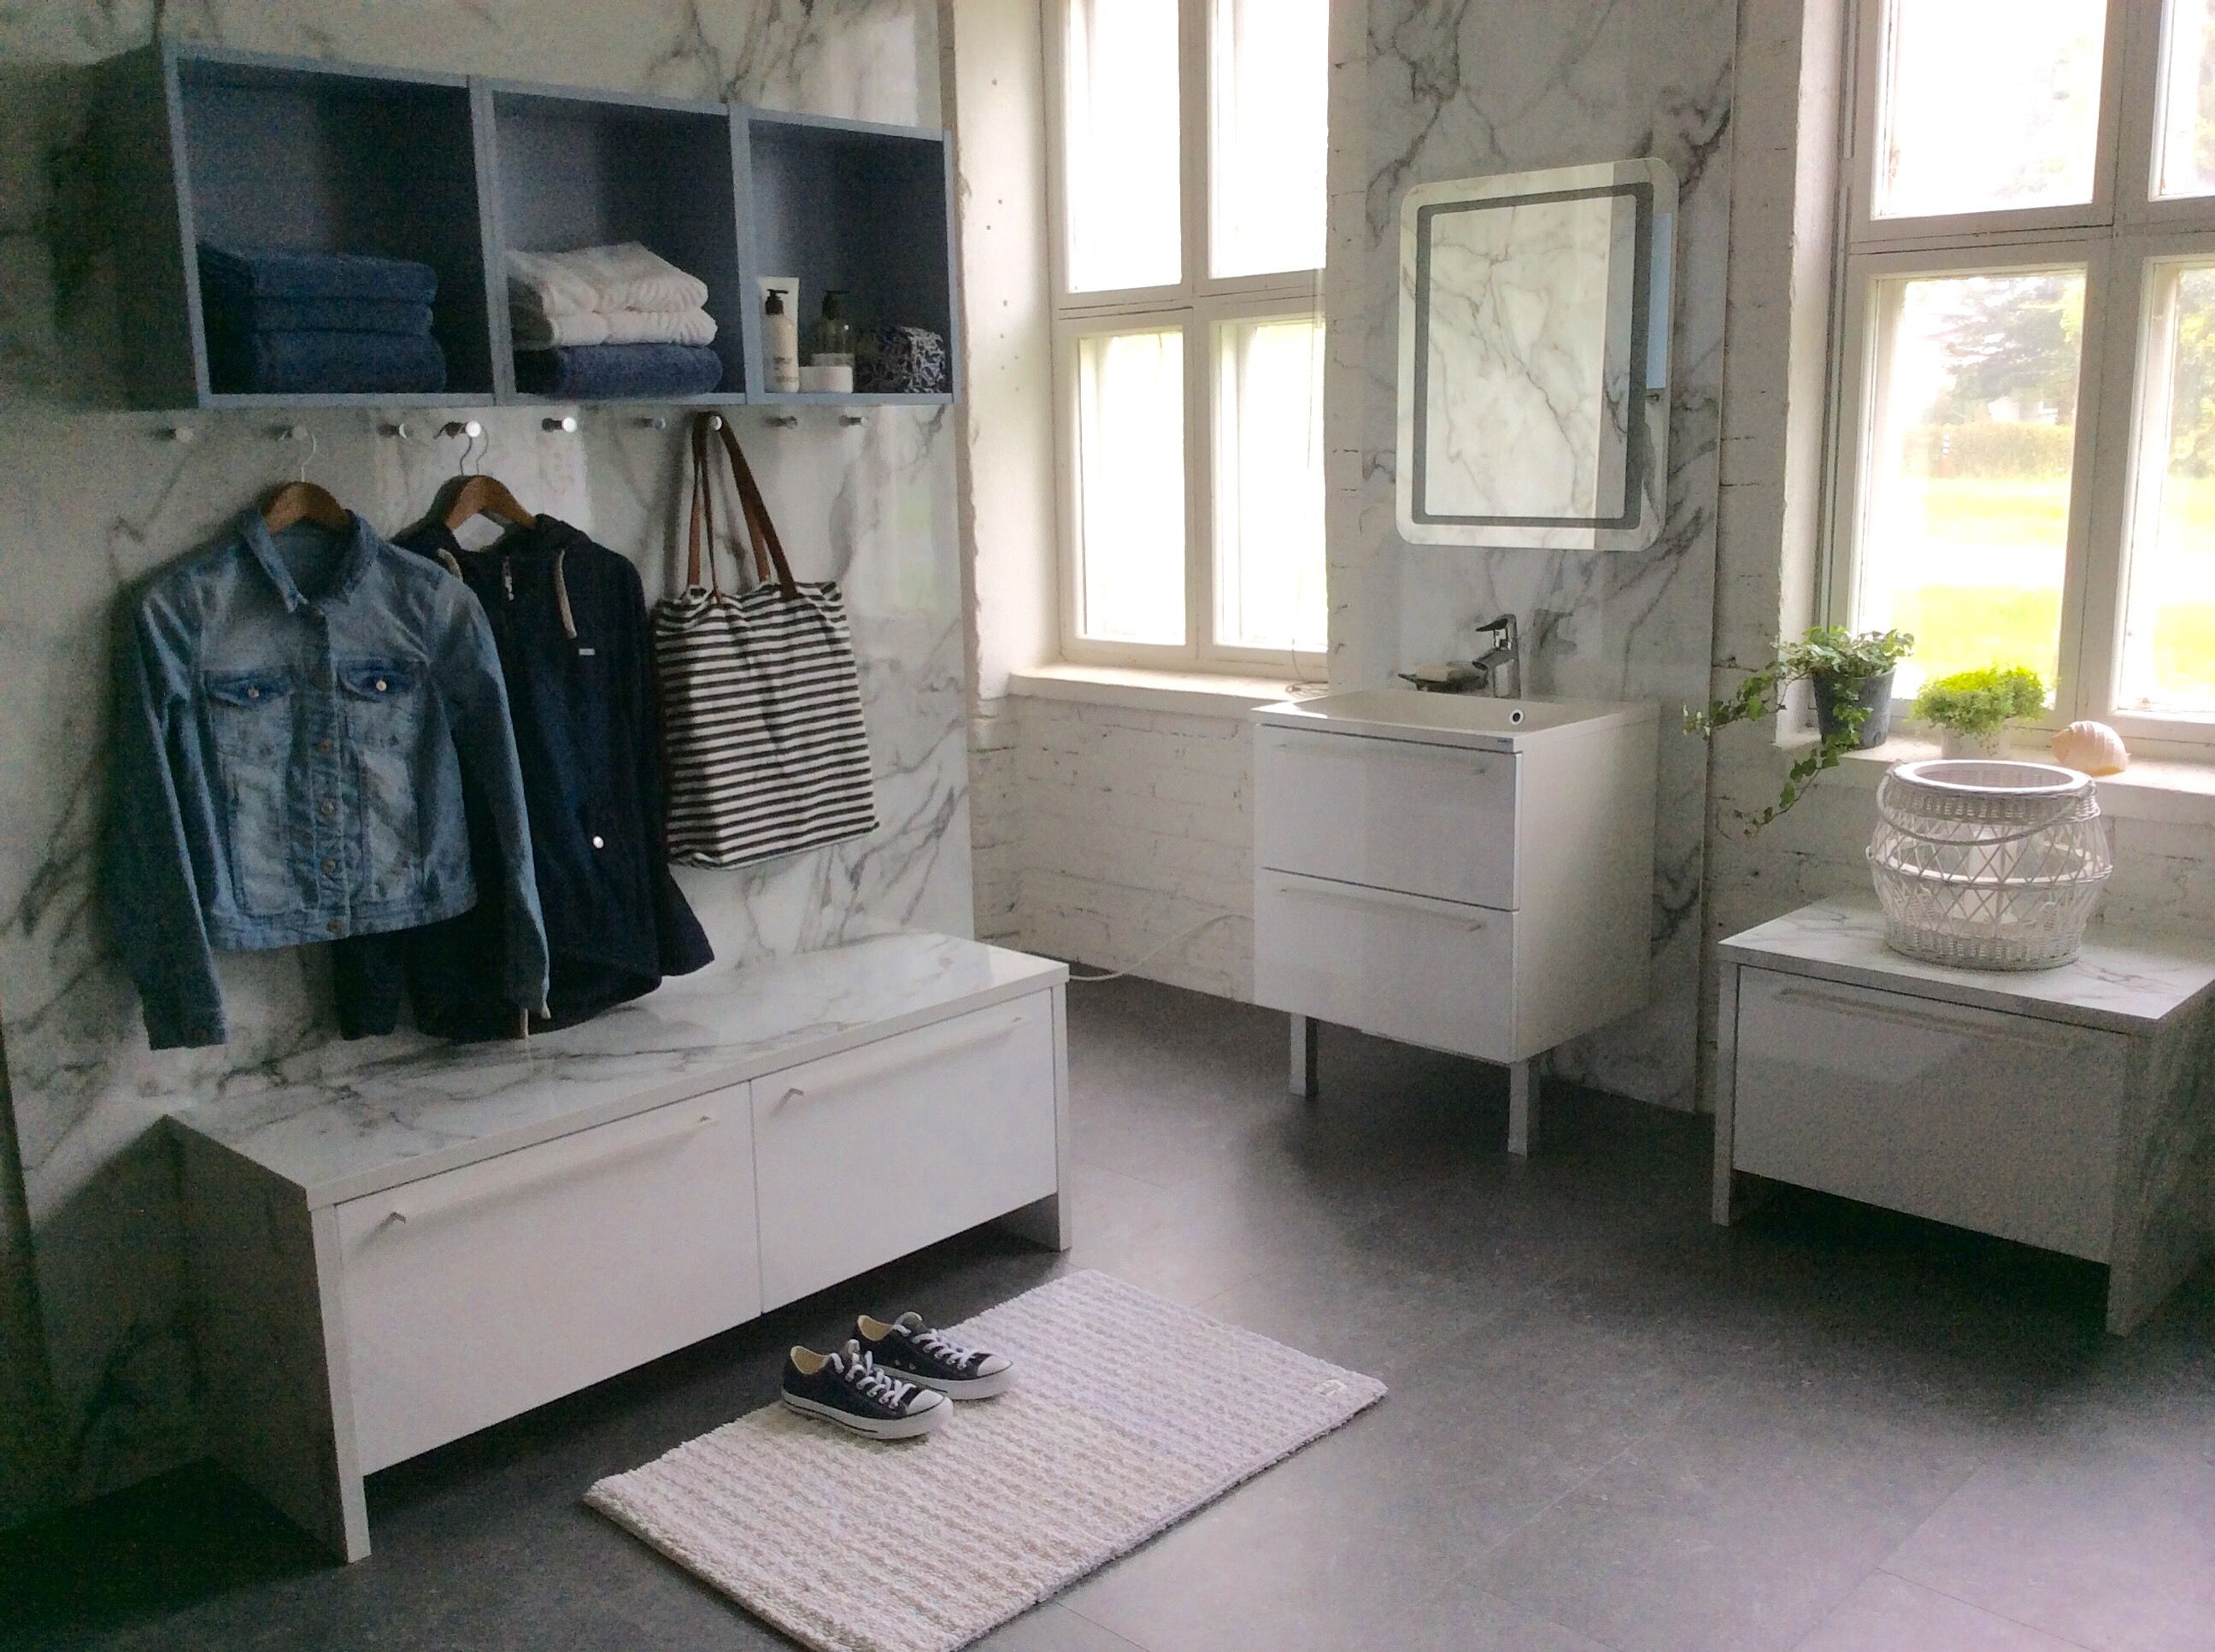 Topi-Keittiön kylpyhuone Hohto kiiltävä valkoinen. Penkissä ja taustalla trendikäs marmorilaminaatti, joka myös Topi-Keittiön mallistossa.